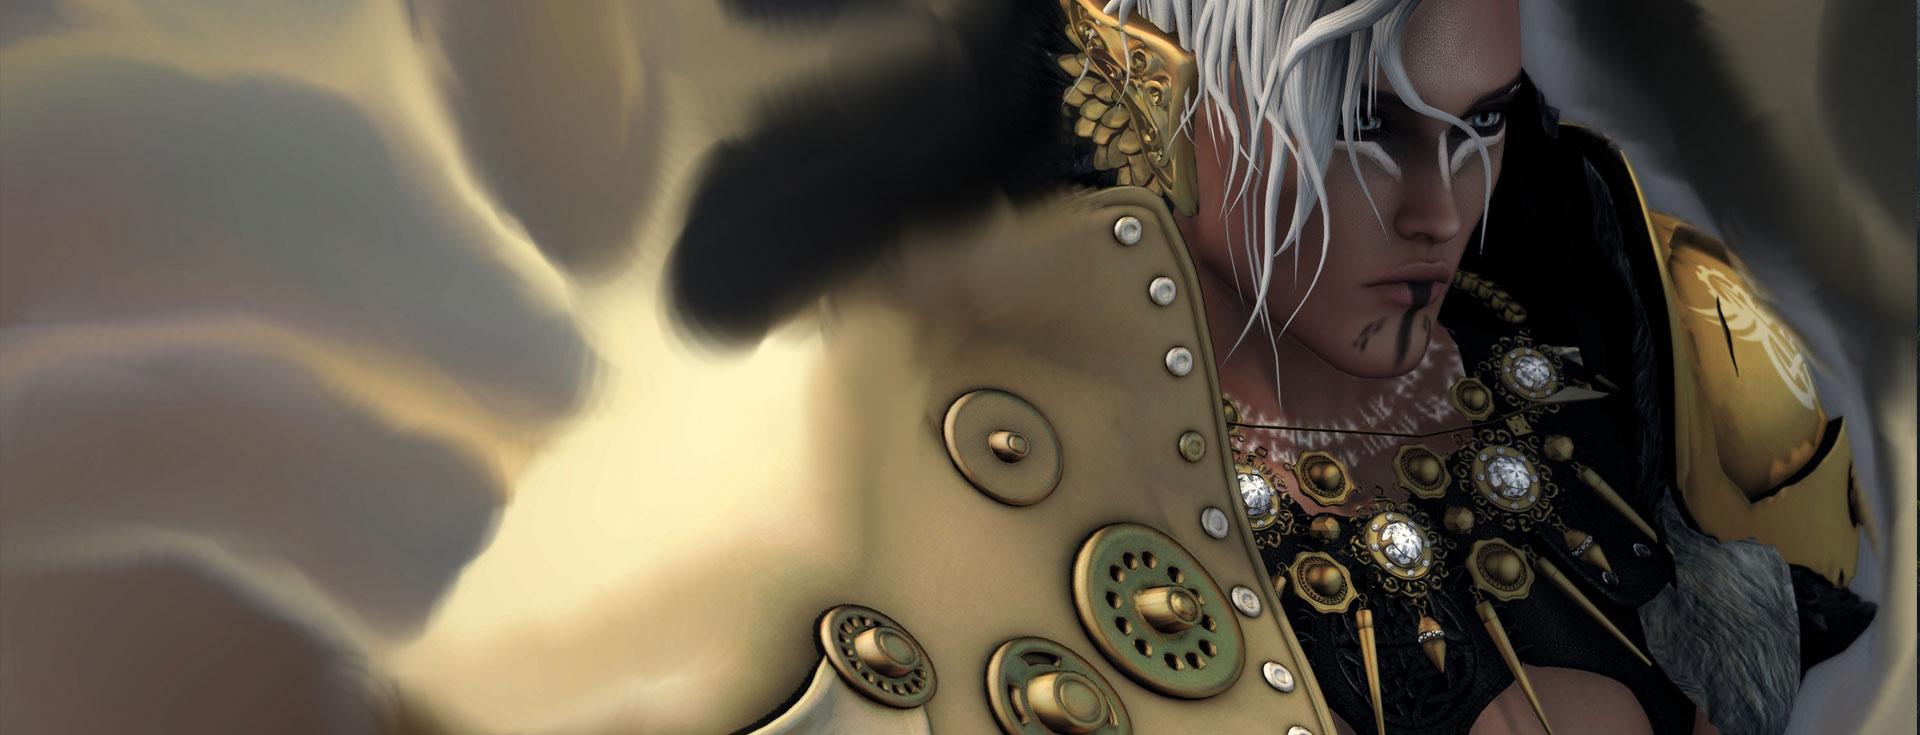 Differenze tra MMO ed MMORPG: Non sono la stessa cosa ma bensì il primo l'insieme più grande del secondo